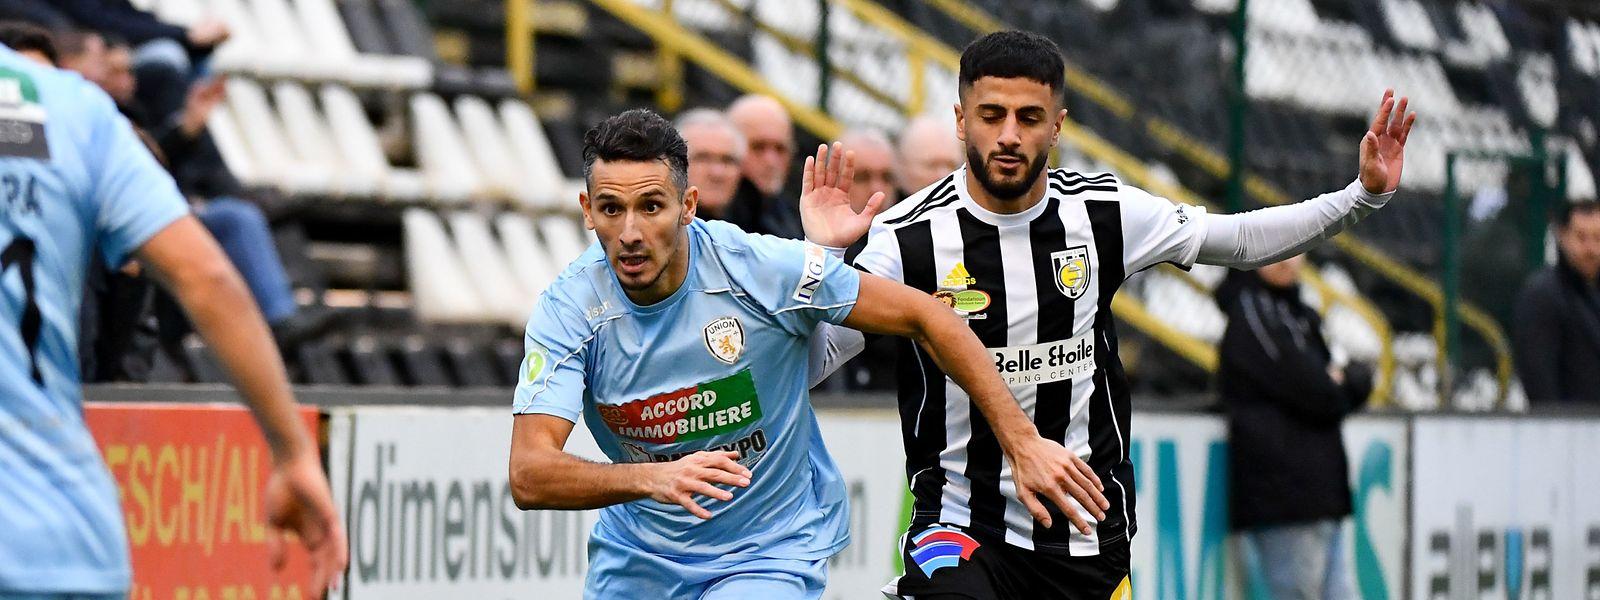 Mounir Hamzaoui et les Pétangeois n'ont pas fait de cadeaux aux Eschois de Mehmet Arslan.